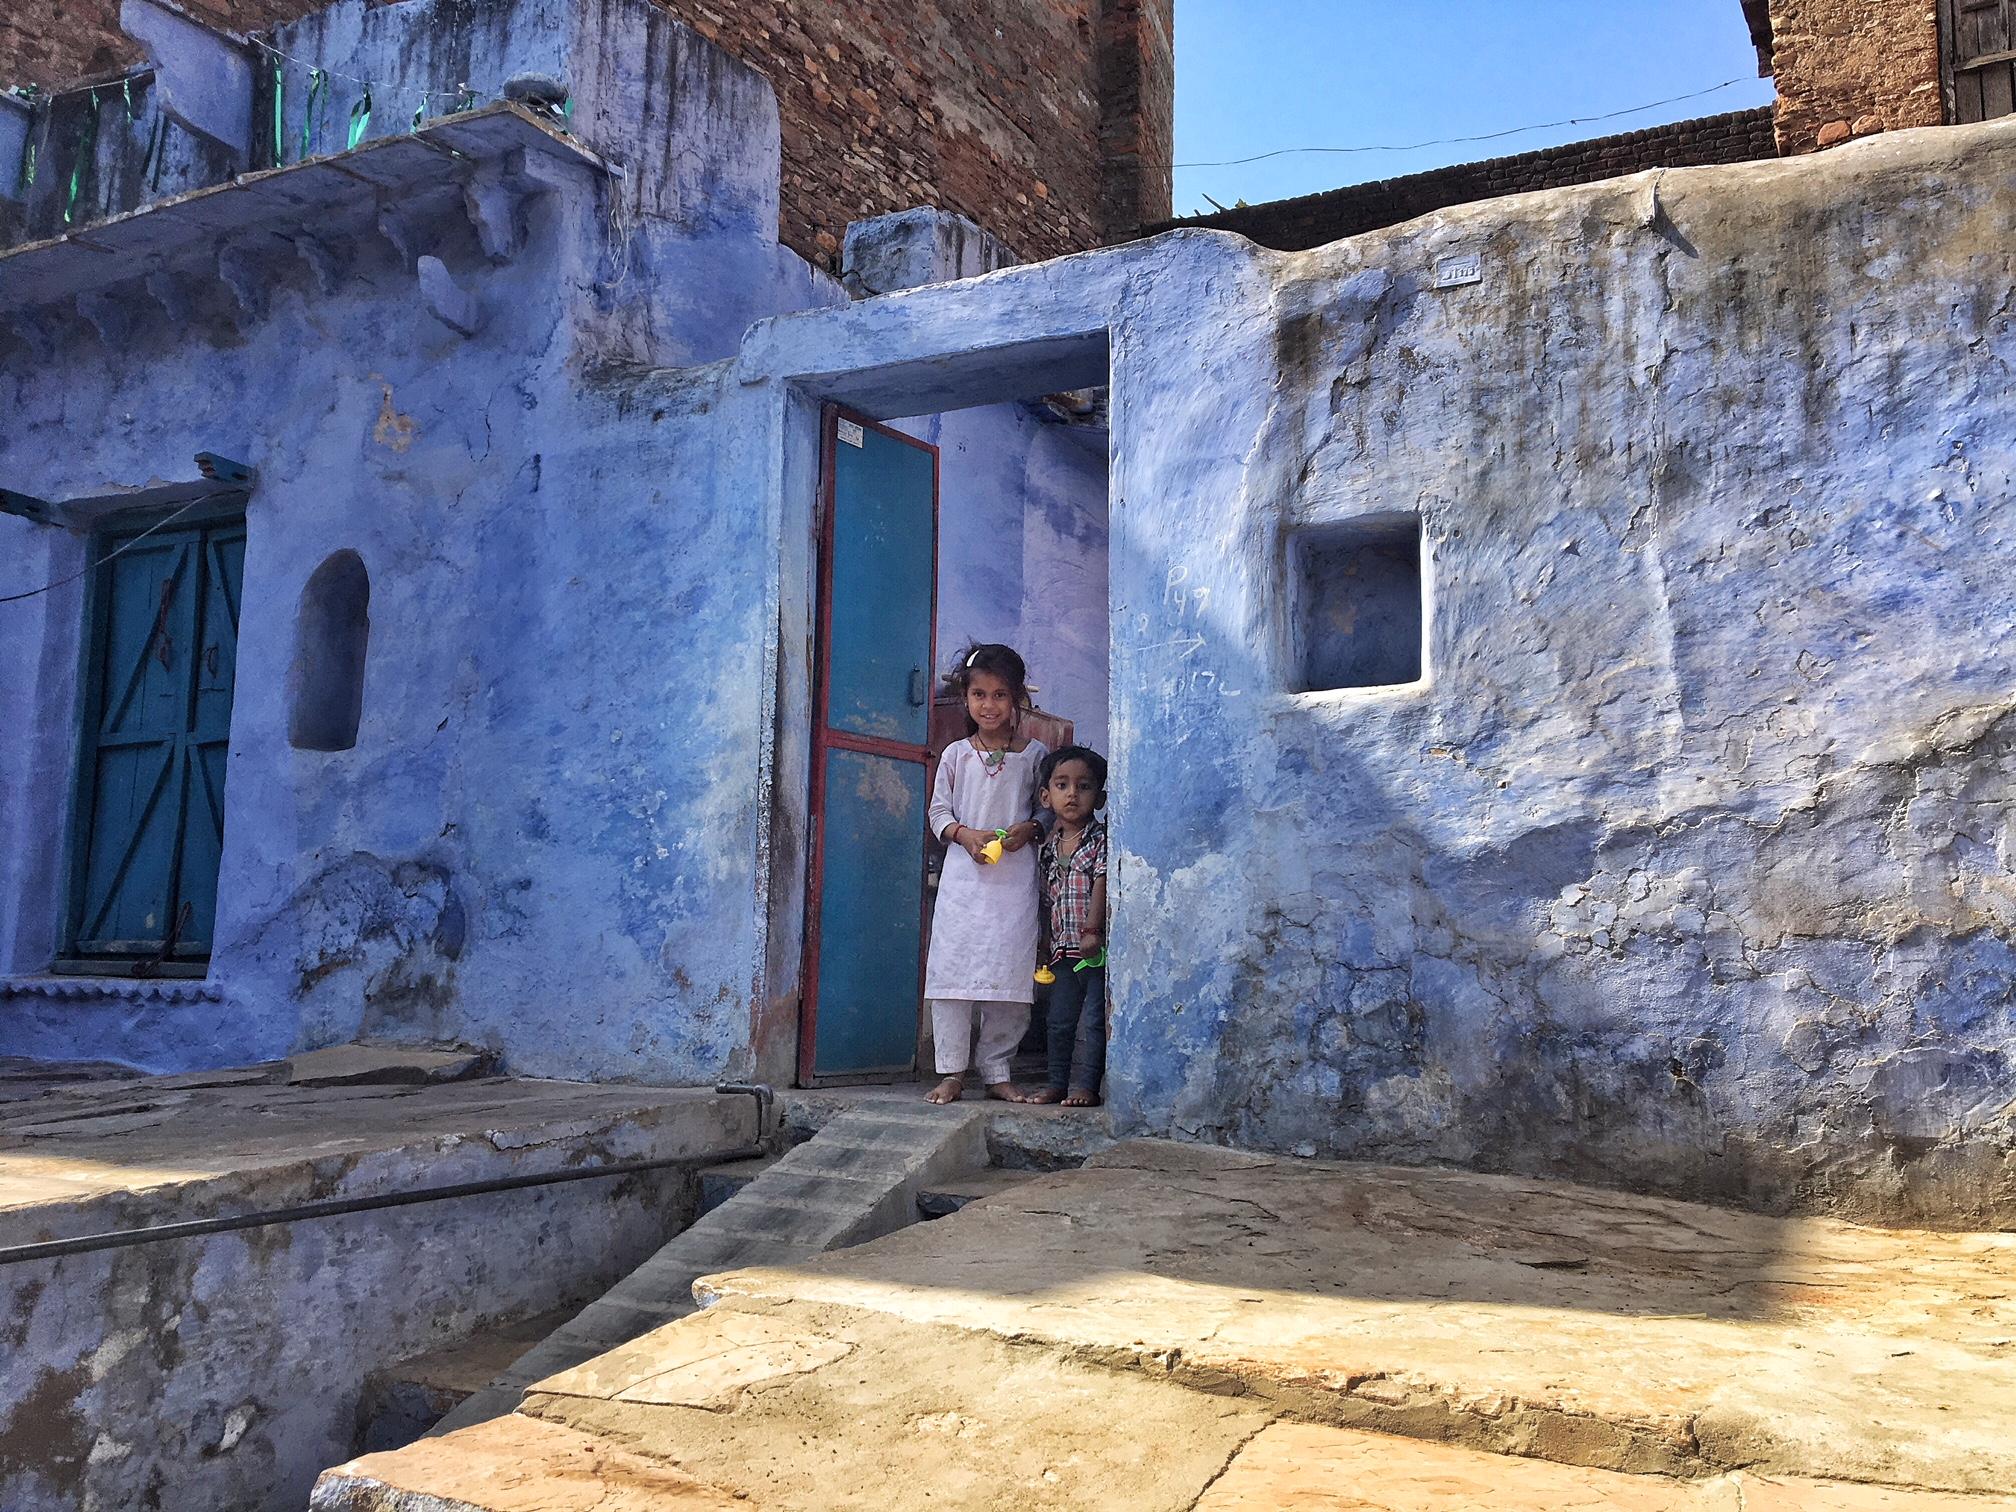 Dans les rues de Bundi au Rajasthan